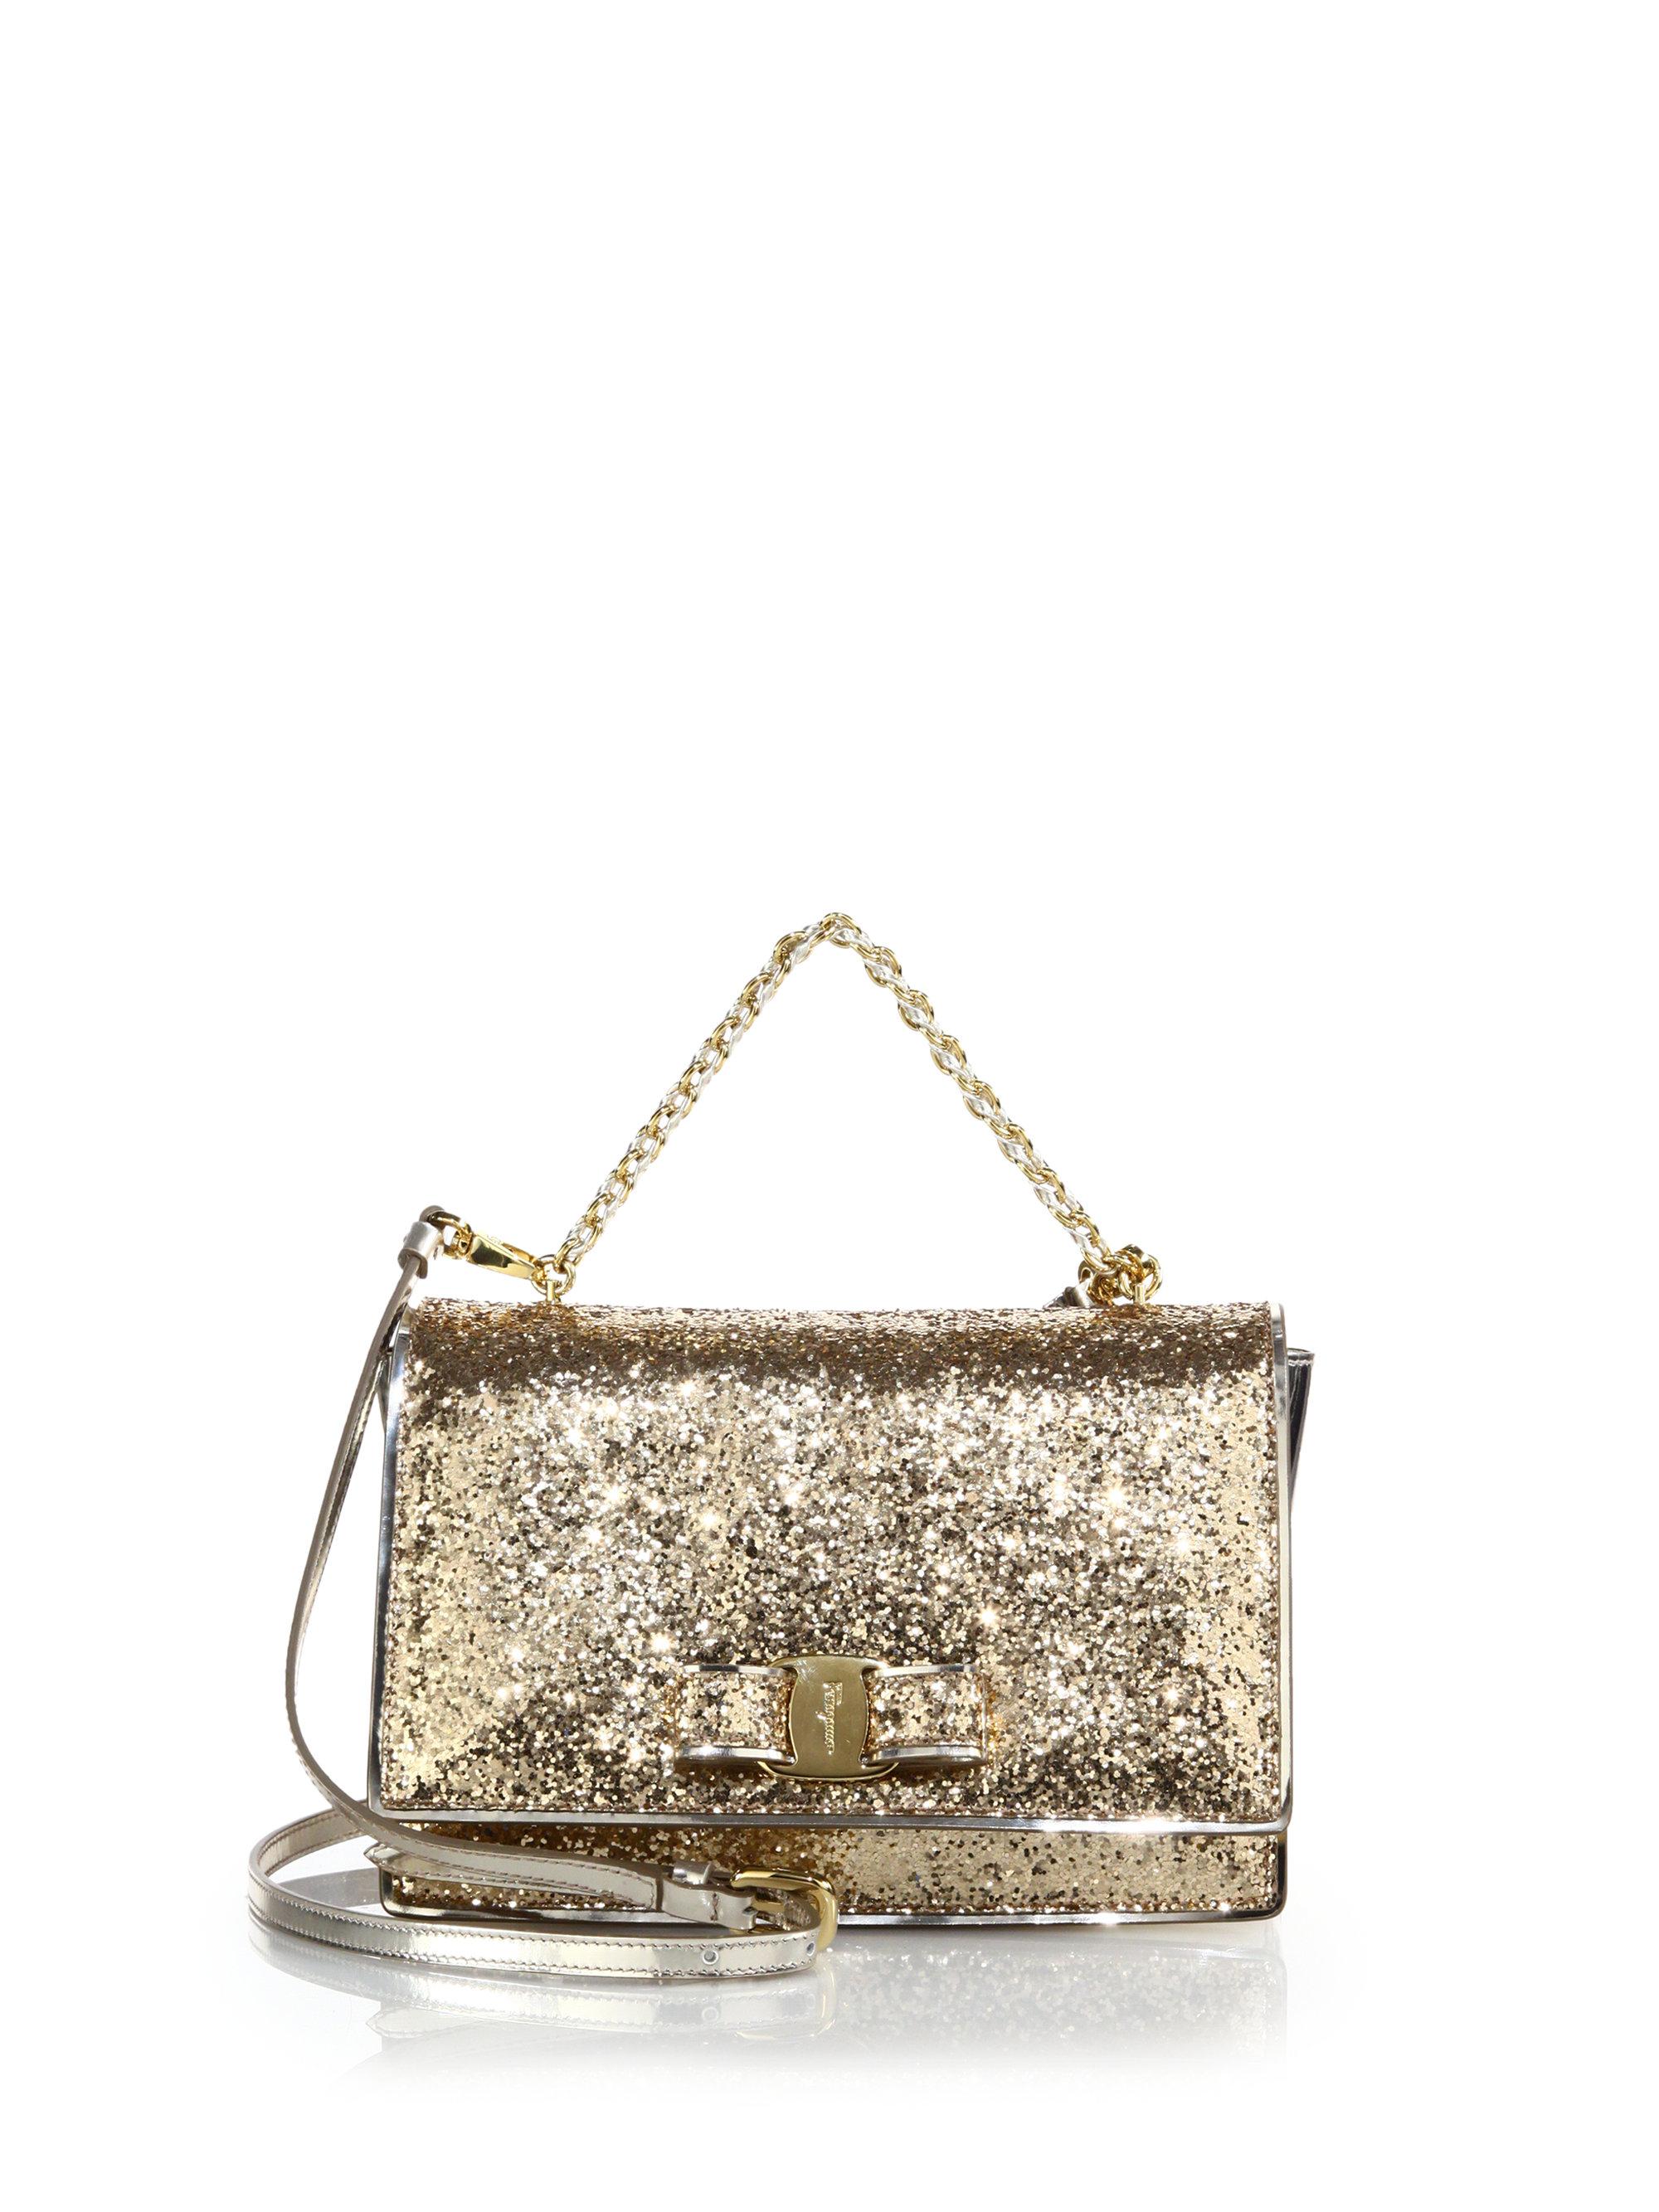 Vara glittered shoulder bag - Metallic Salvatore Ferragamo hKsON7Fdv